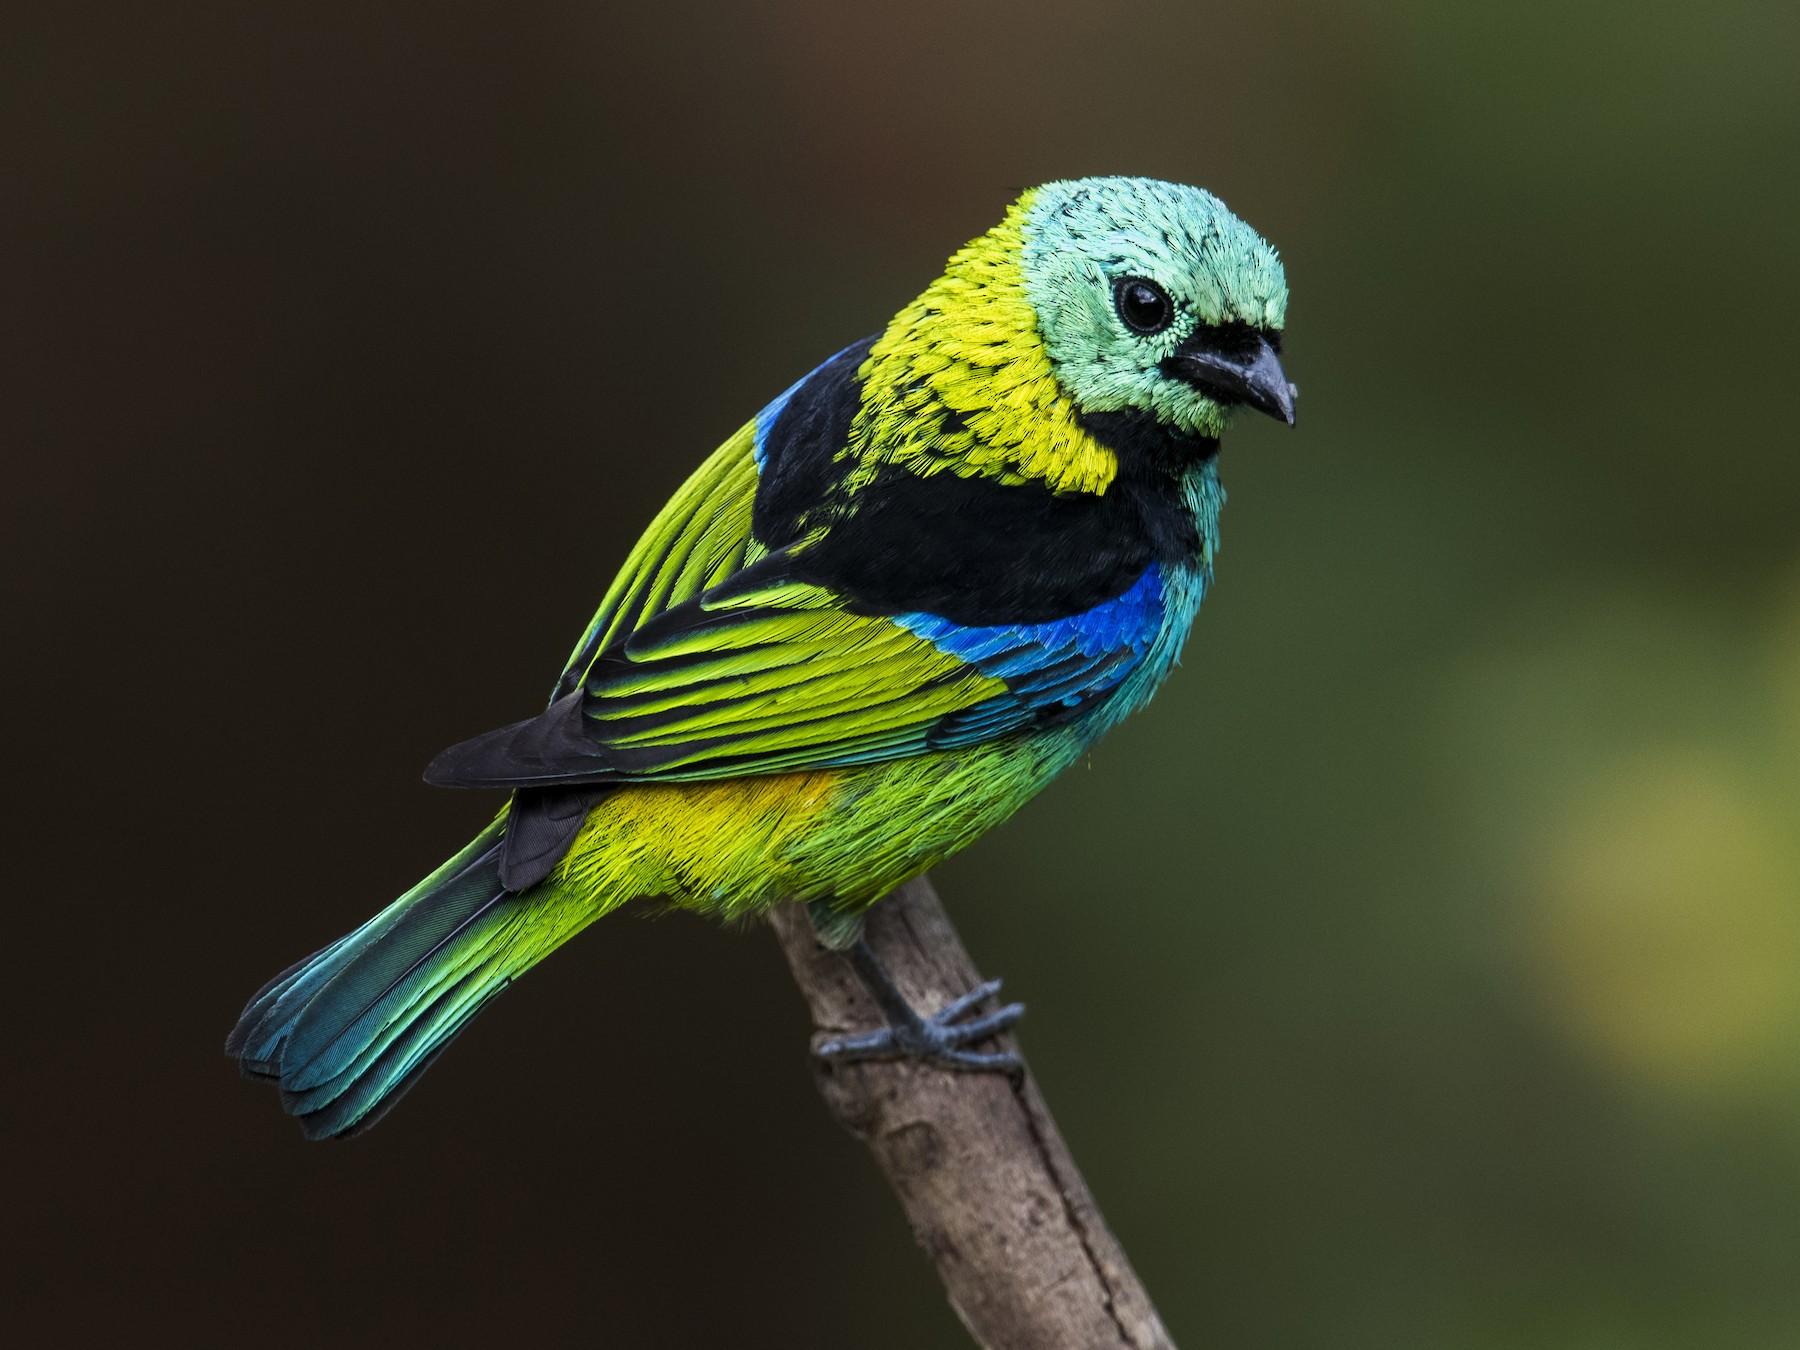 Green-headed Tanager - Claudia Brasileiro